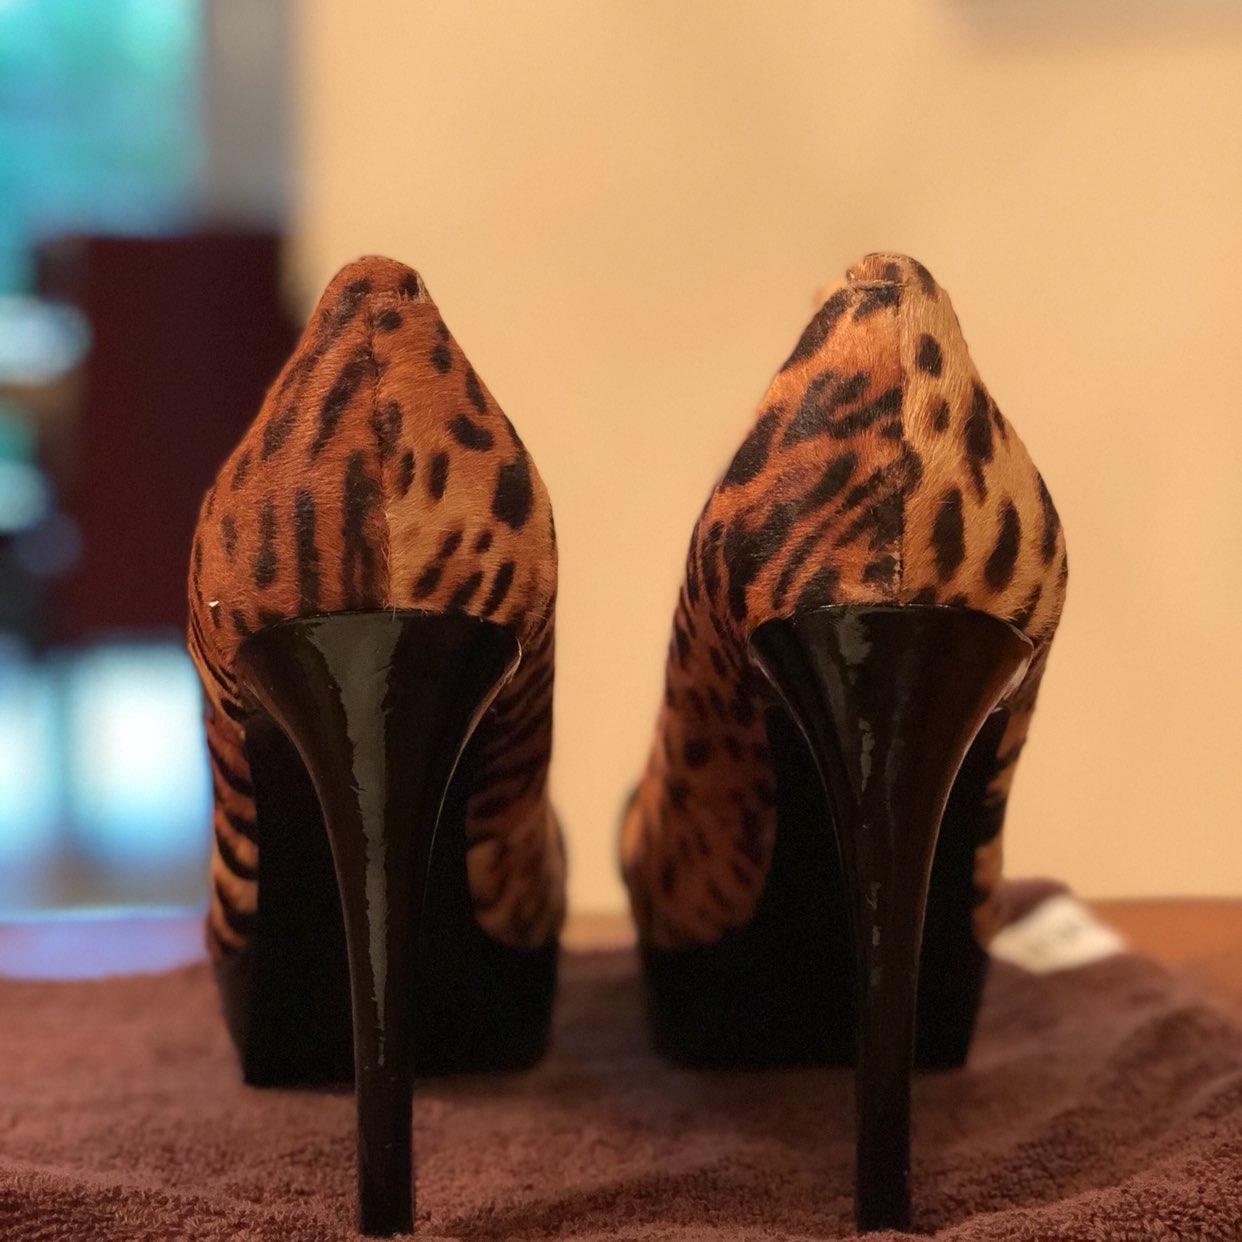 Women's Nine West High Heel Shoes!